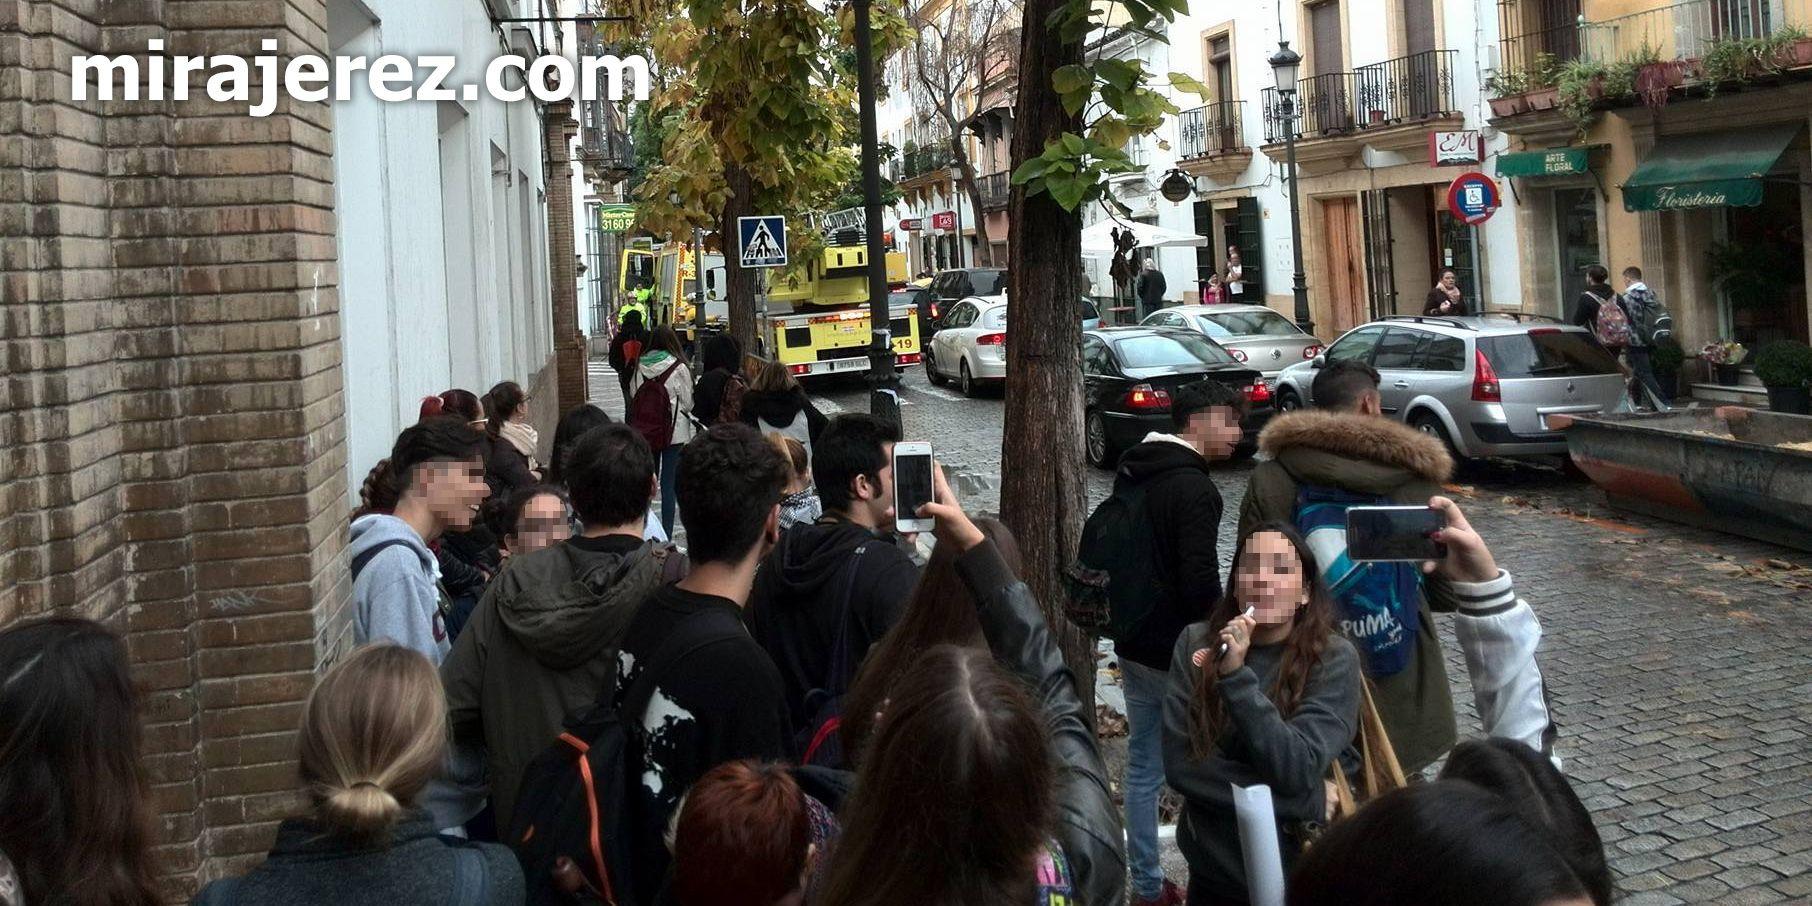 Alumnos de la Escuela de Arte y Oficios de Jerez salen a la calle en modo preventivo | Miguel Abreu para MIRA Jerez